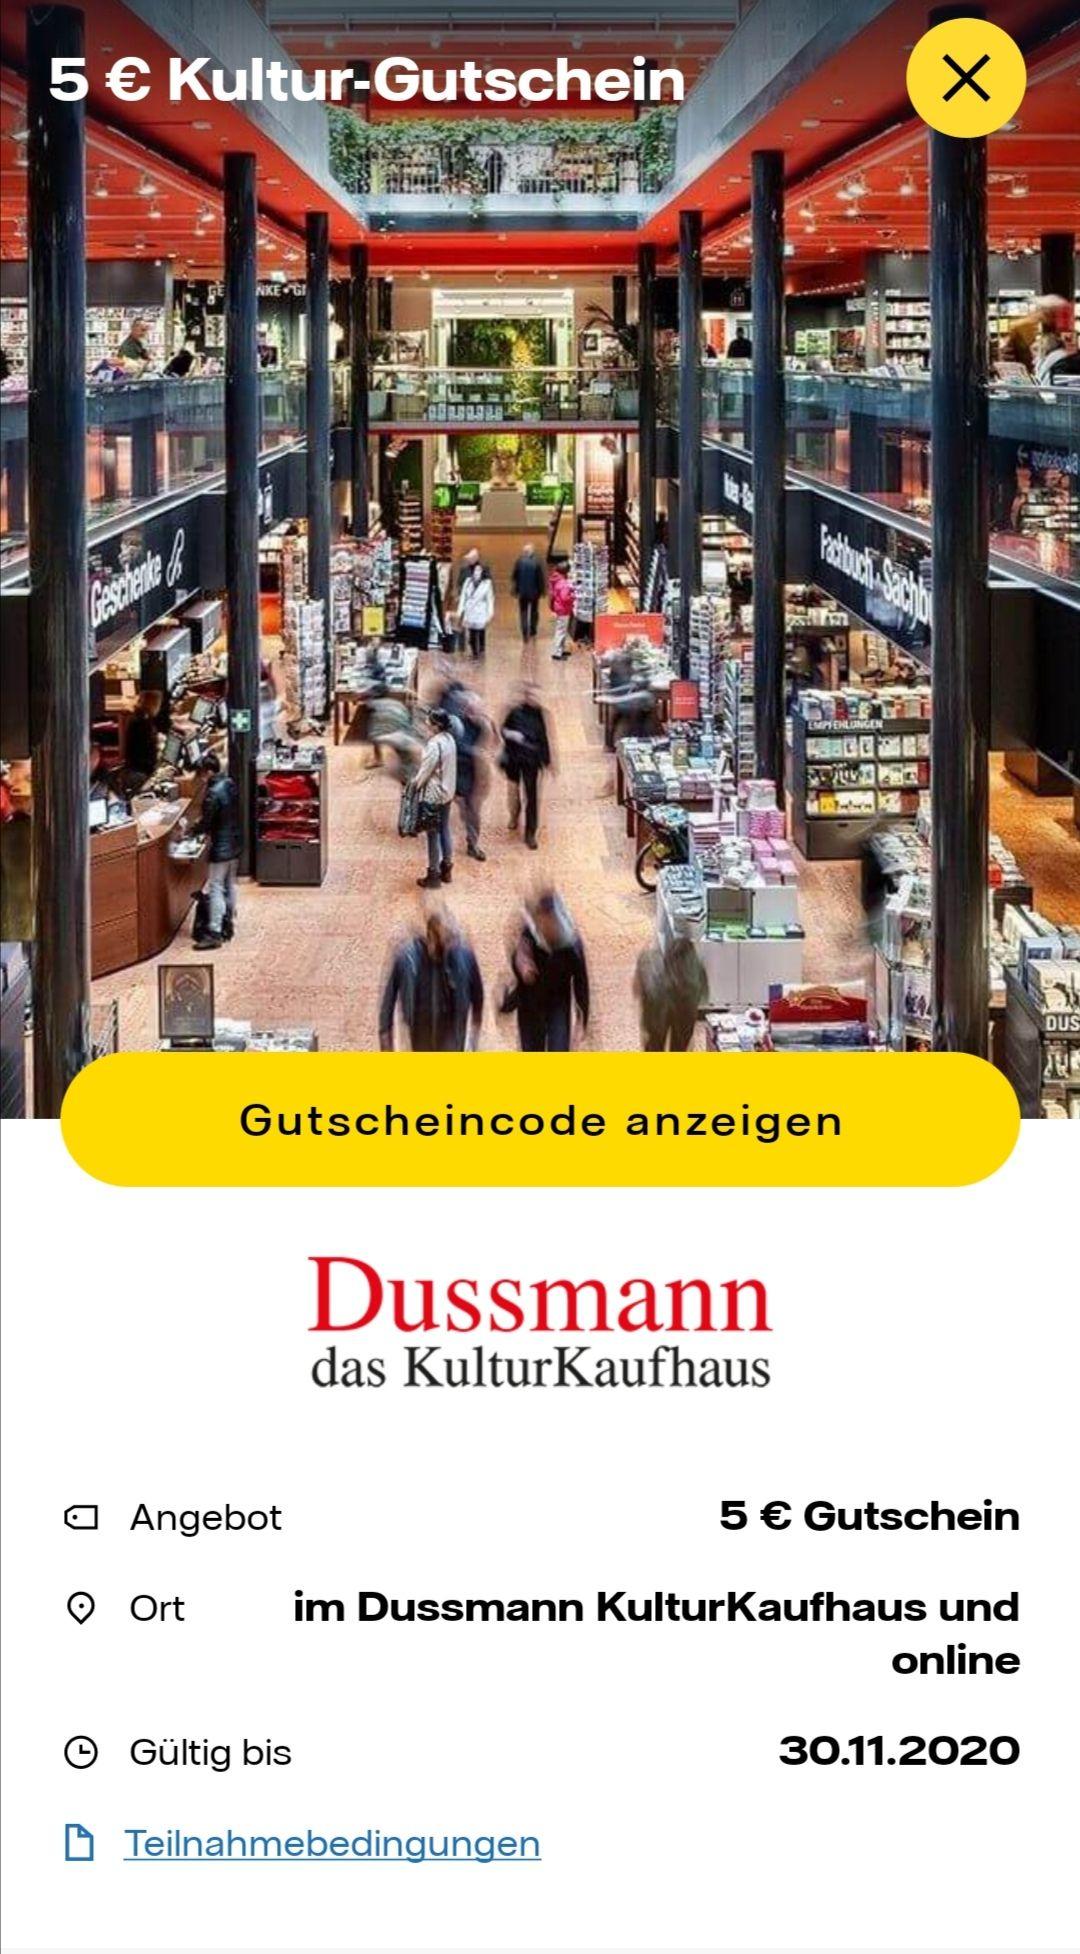 5,00 € Gutschein ohne Mbw im Dussmann Kultur Kaufhaus online sowie offline